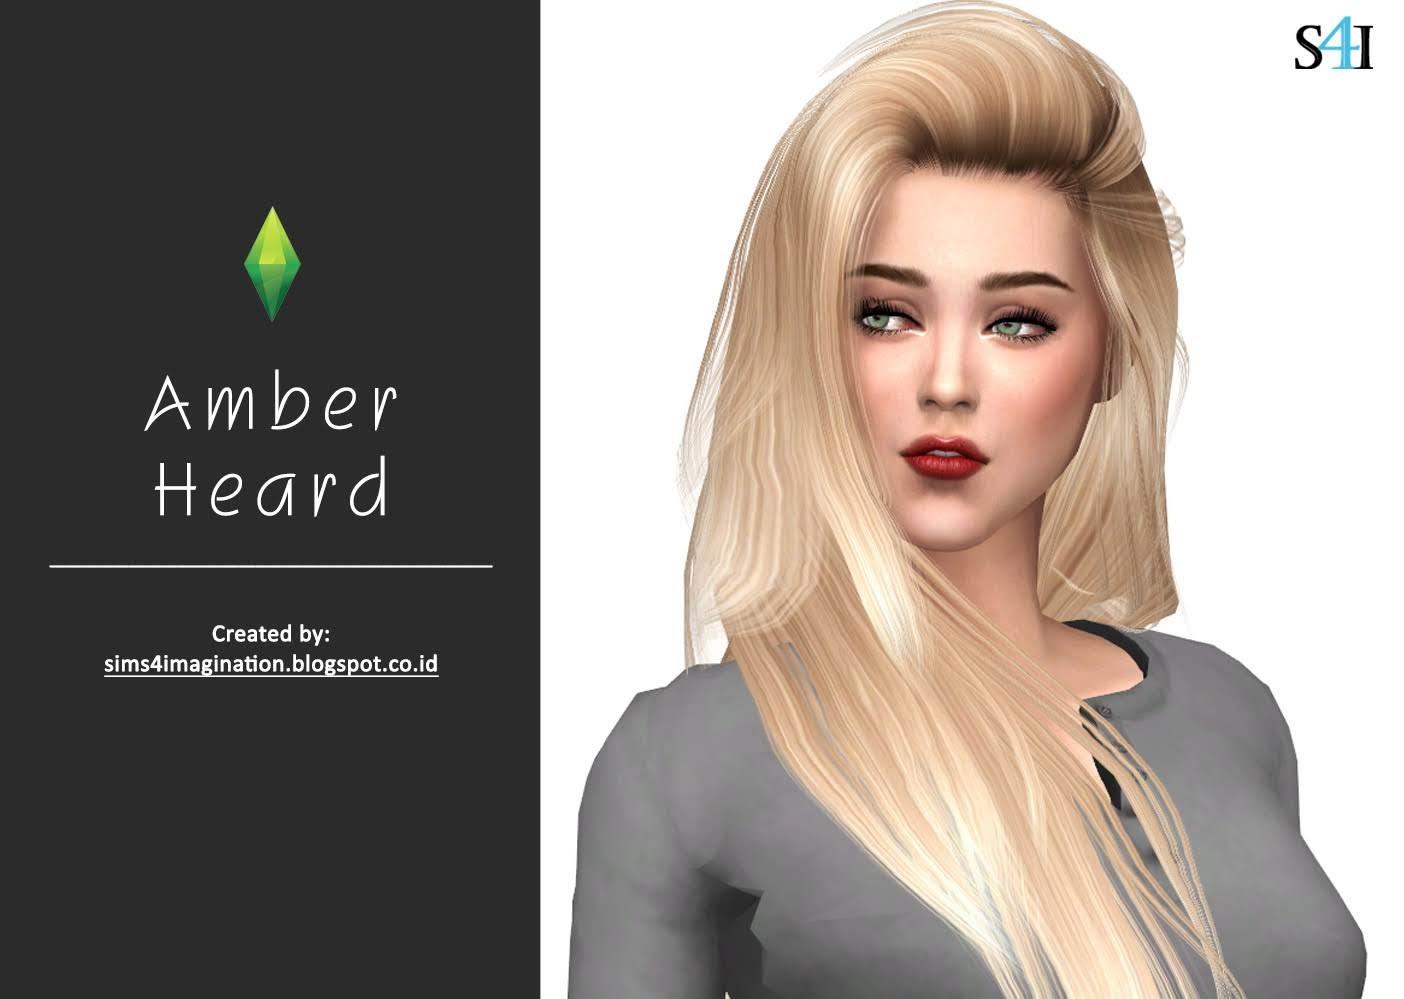 Amber Jensen Porn Star my sims 4 cas: amber heard - imagination sims 4 cas